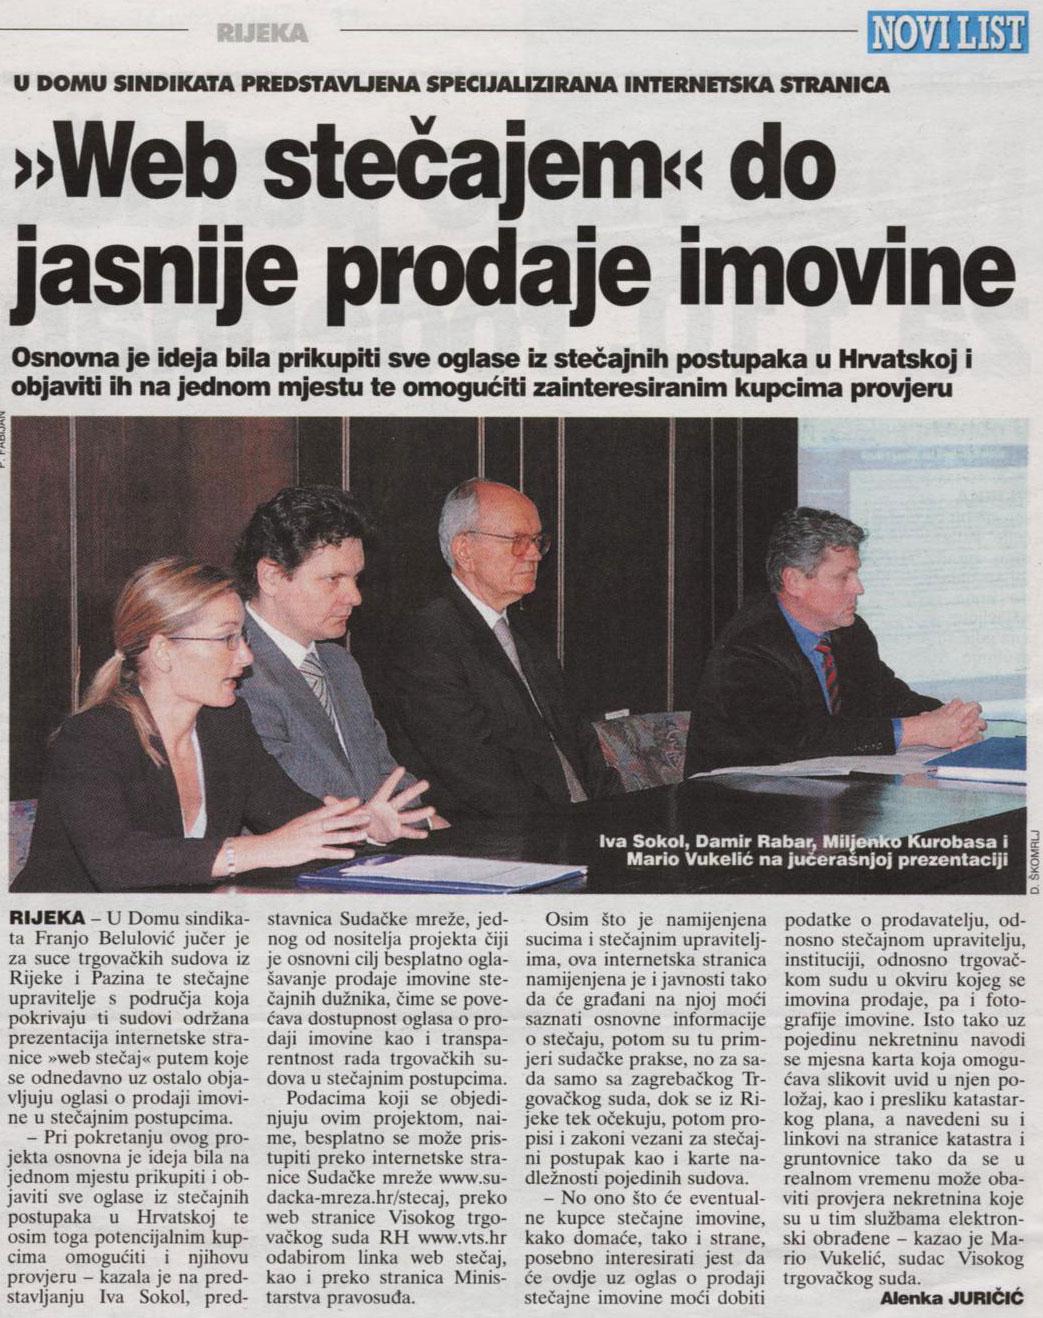 novi_list_24022007.jpg